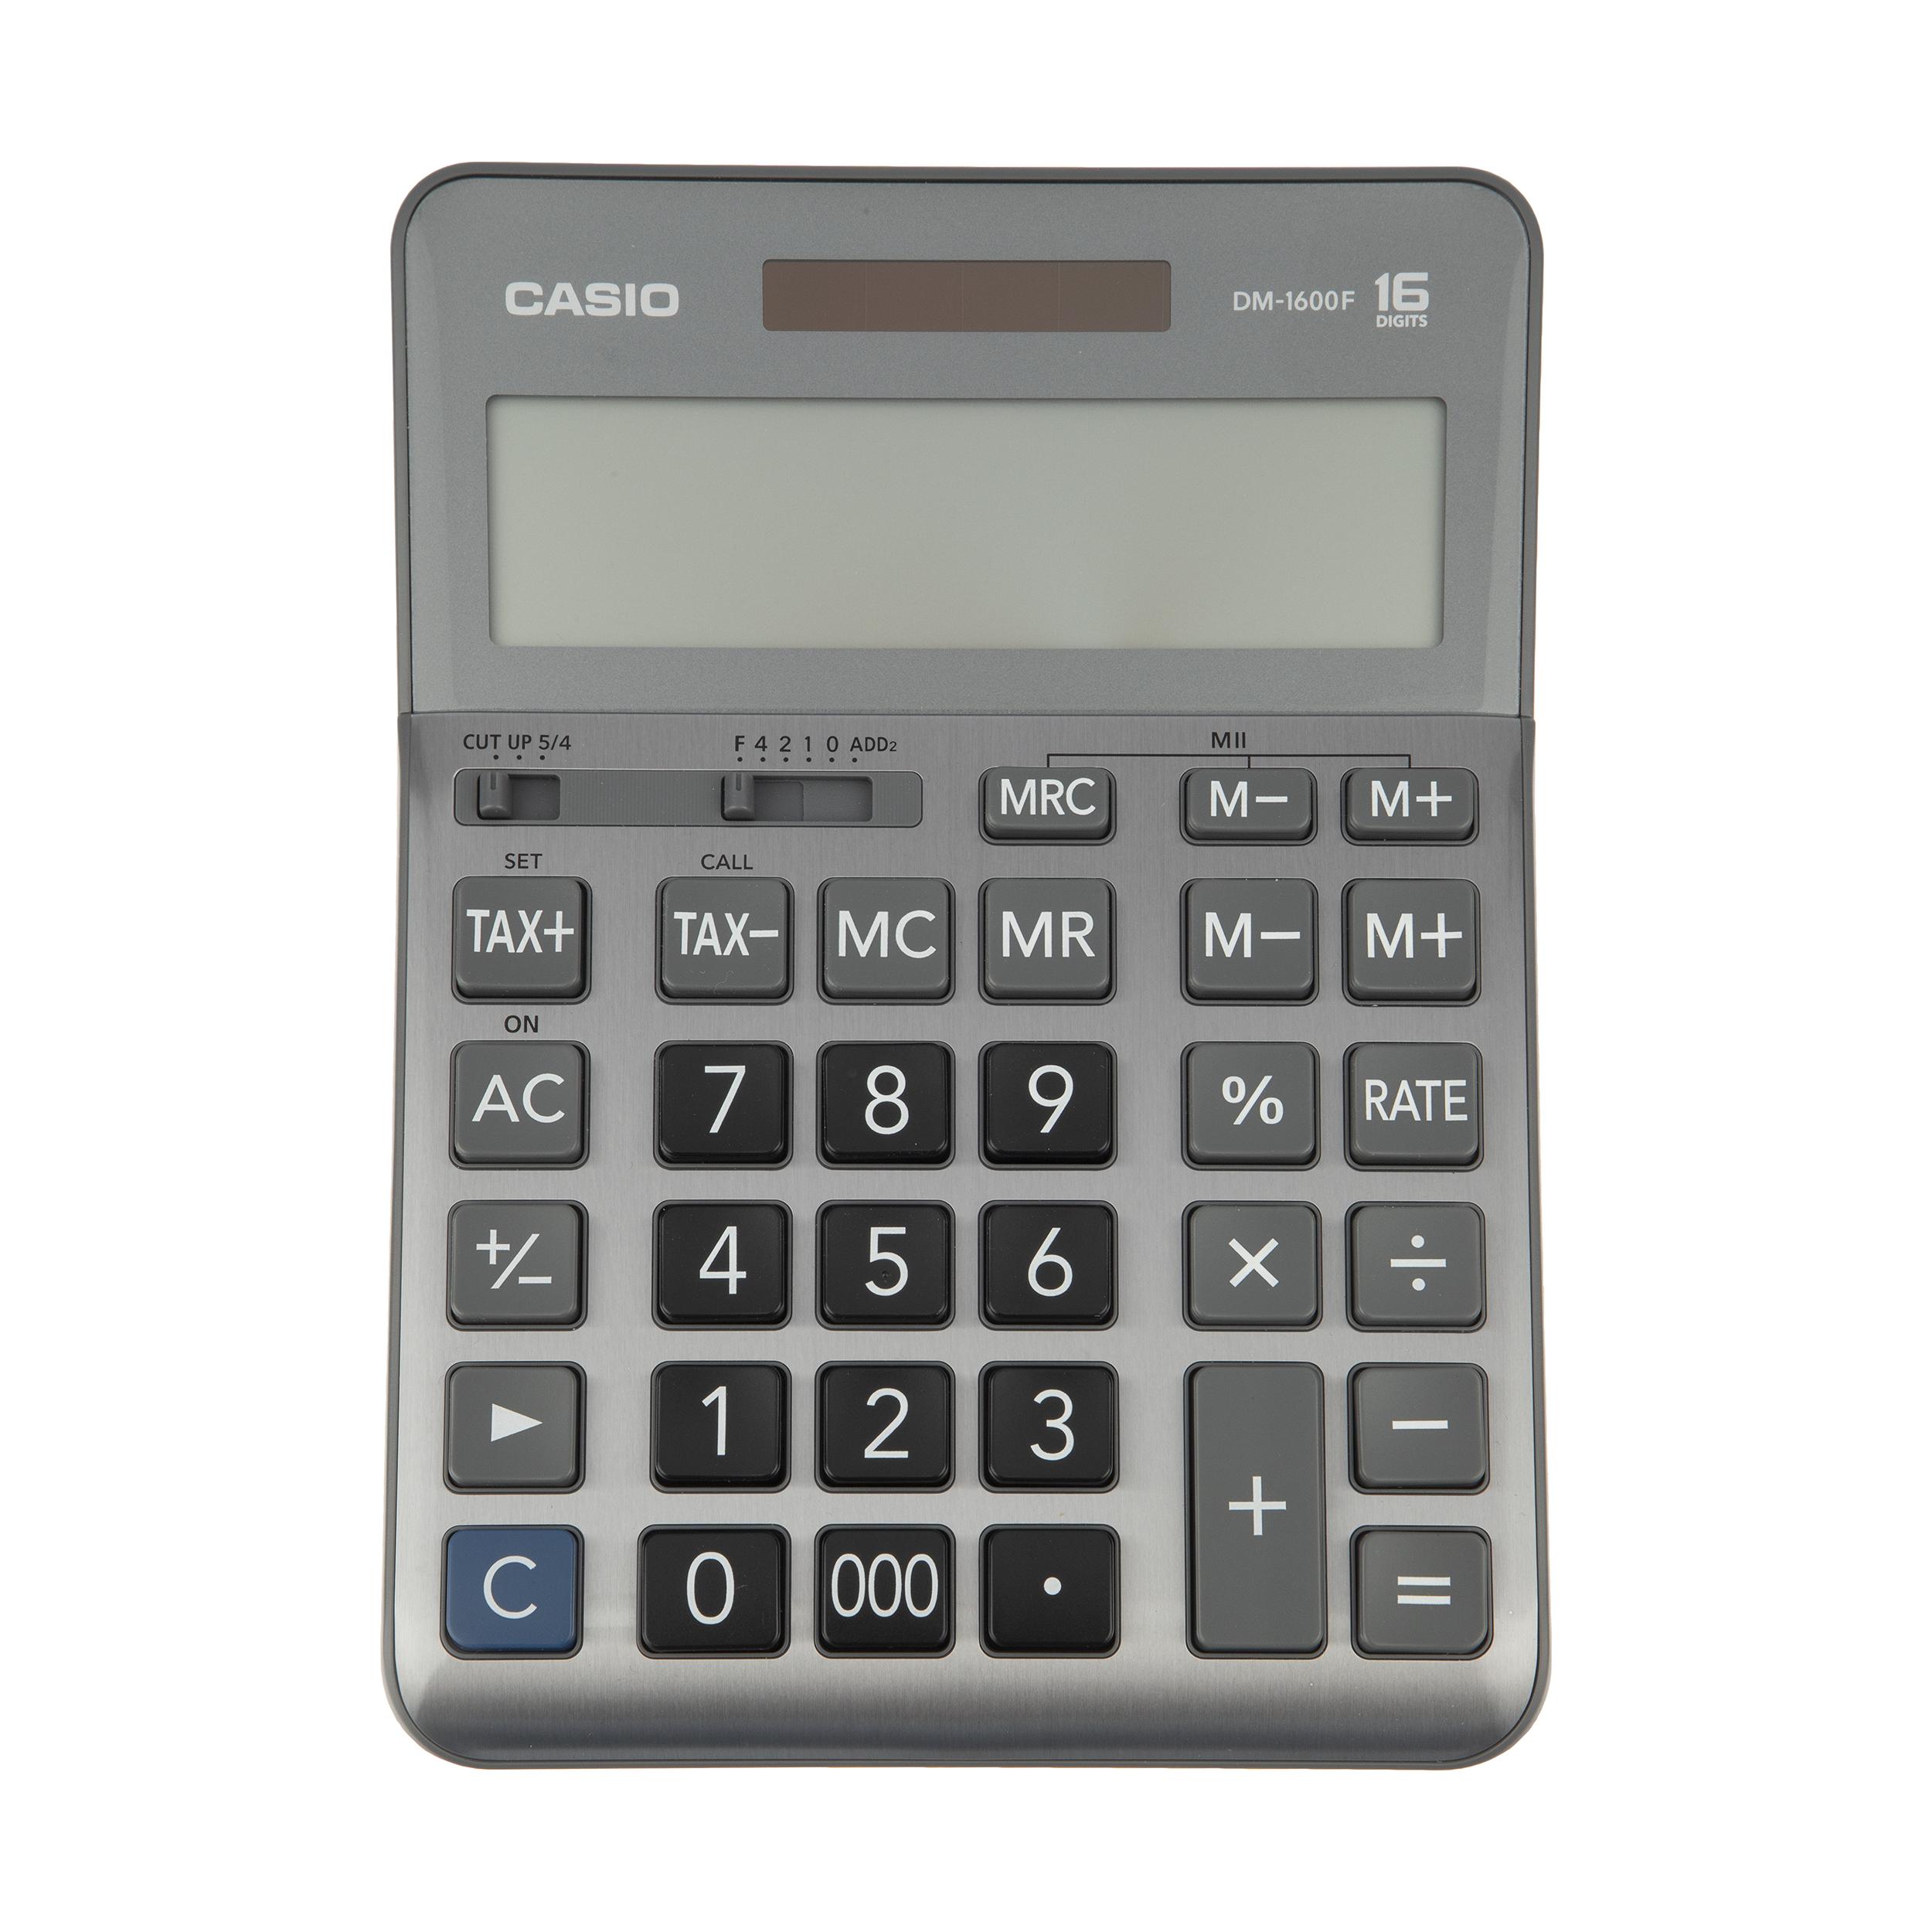 ماشین حساب کاسیو مدل DM-1600F